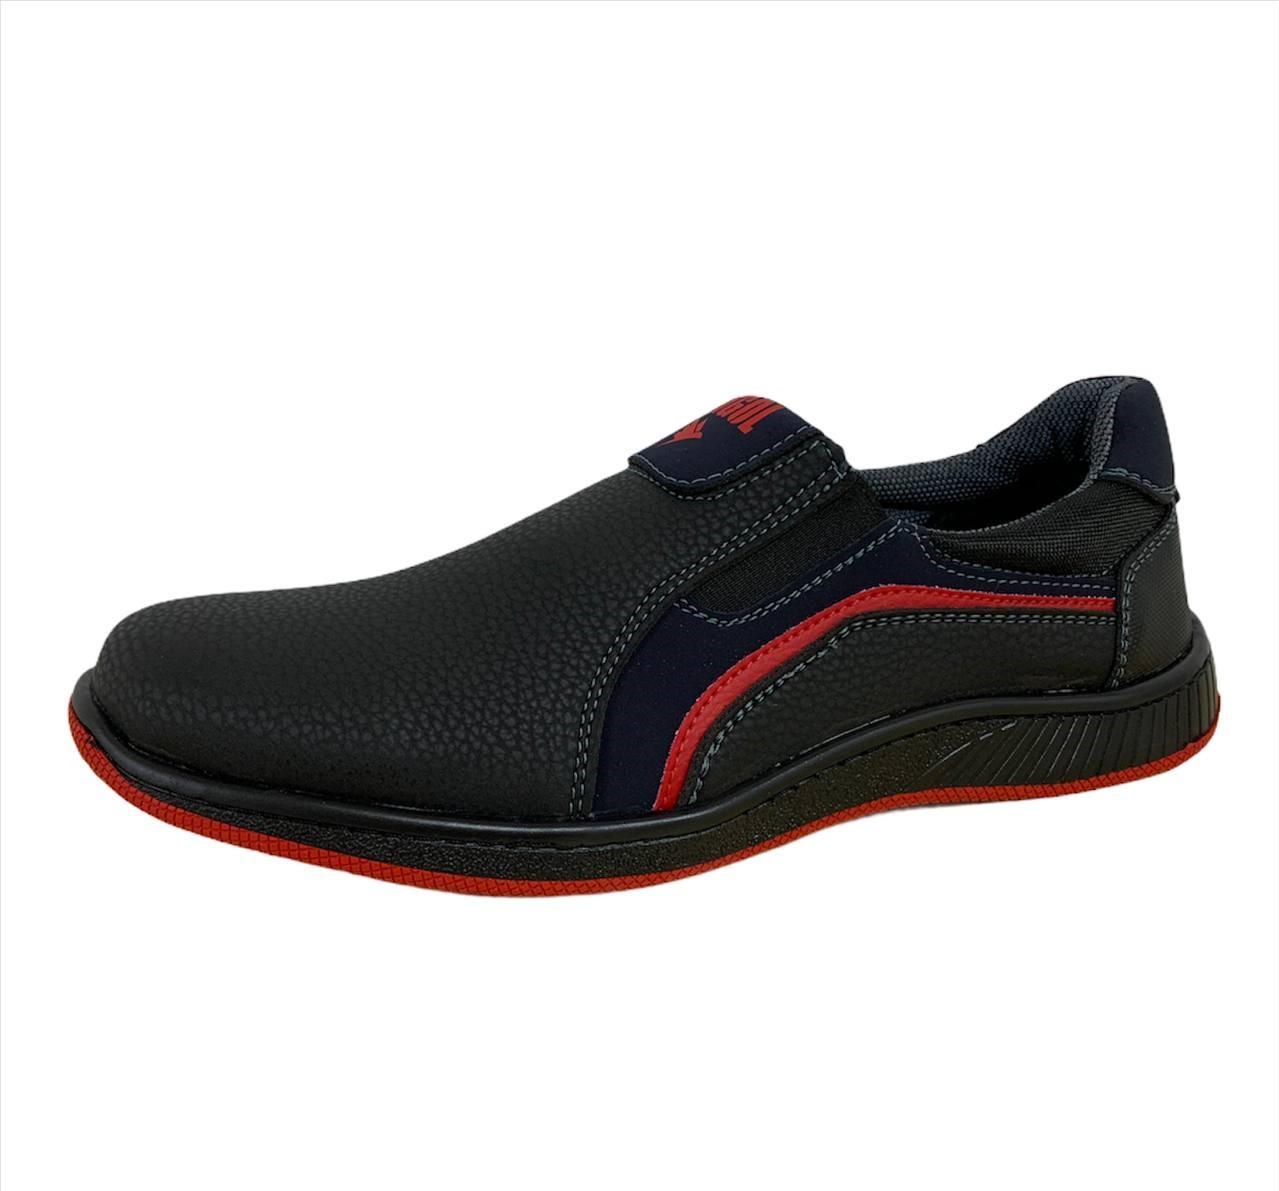 Туфлі мокасини чоловічі чорні на червоній підошві 40 розмір